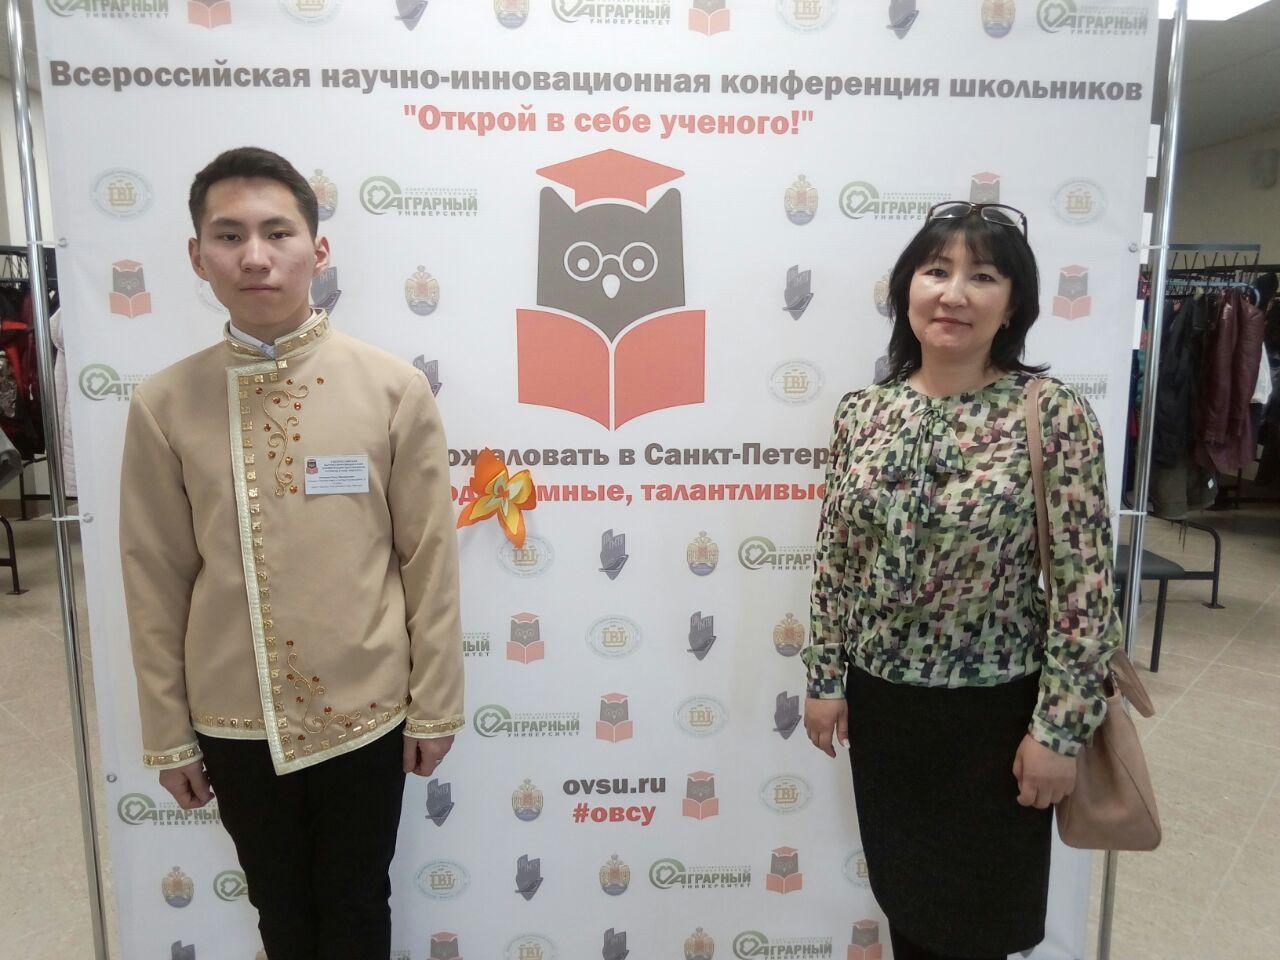 Петя Макаров